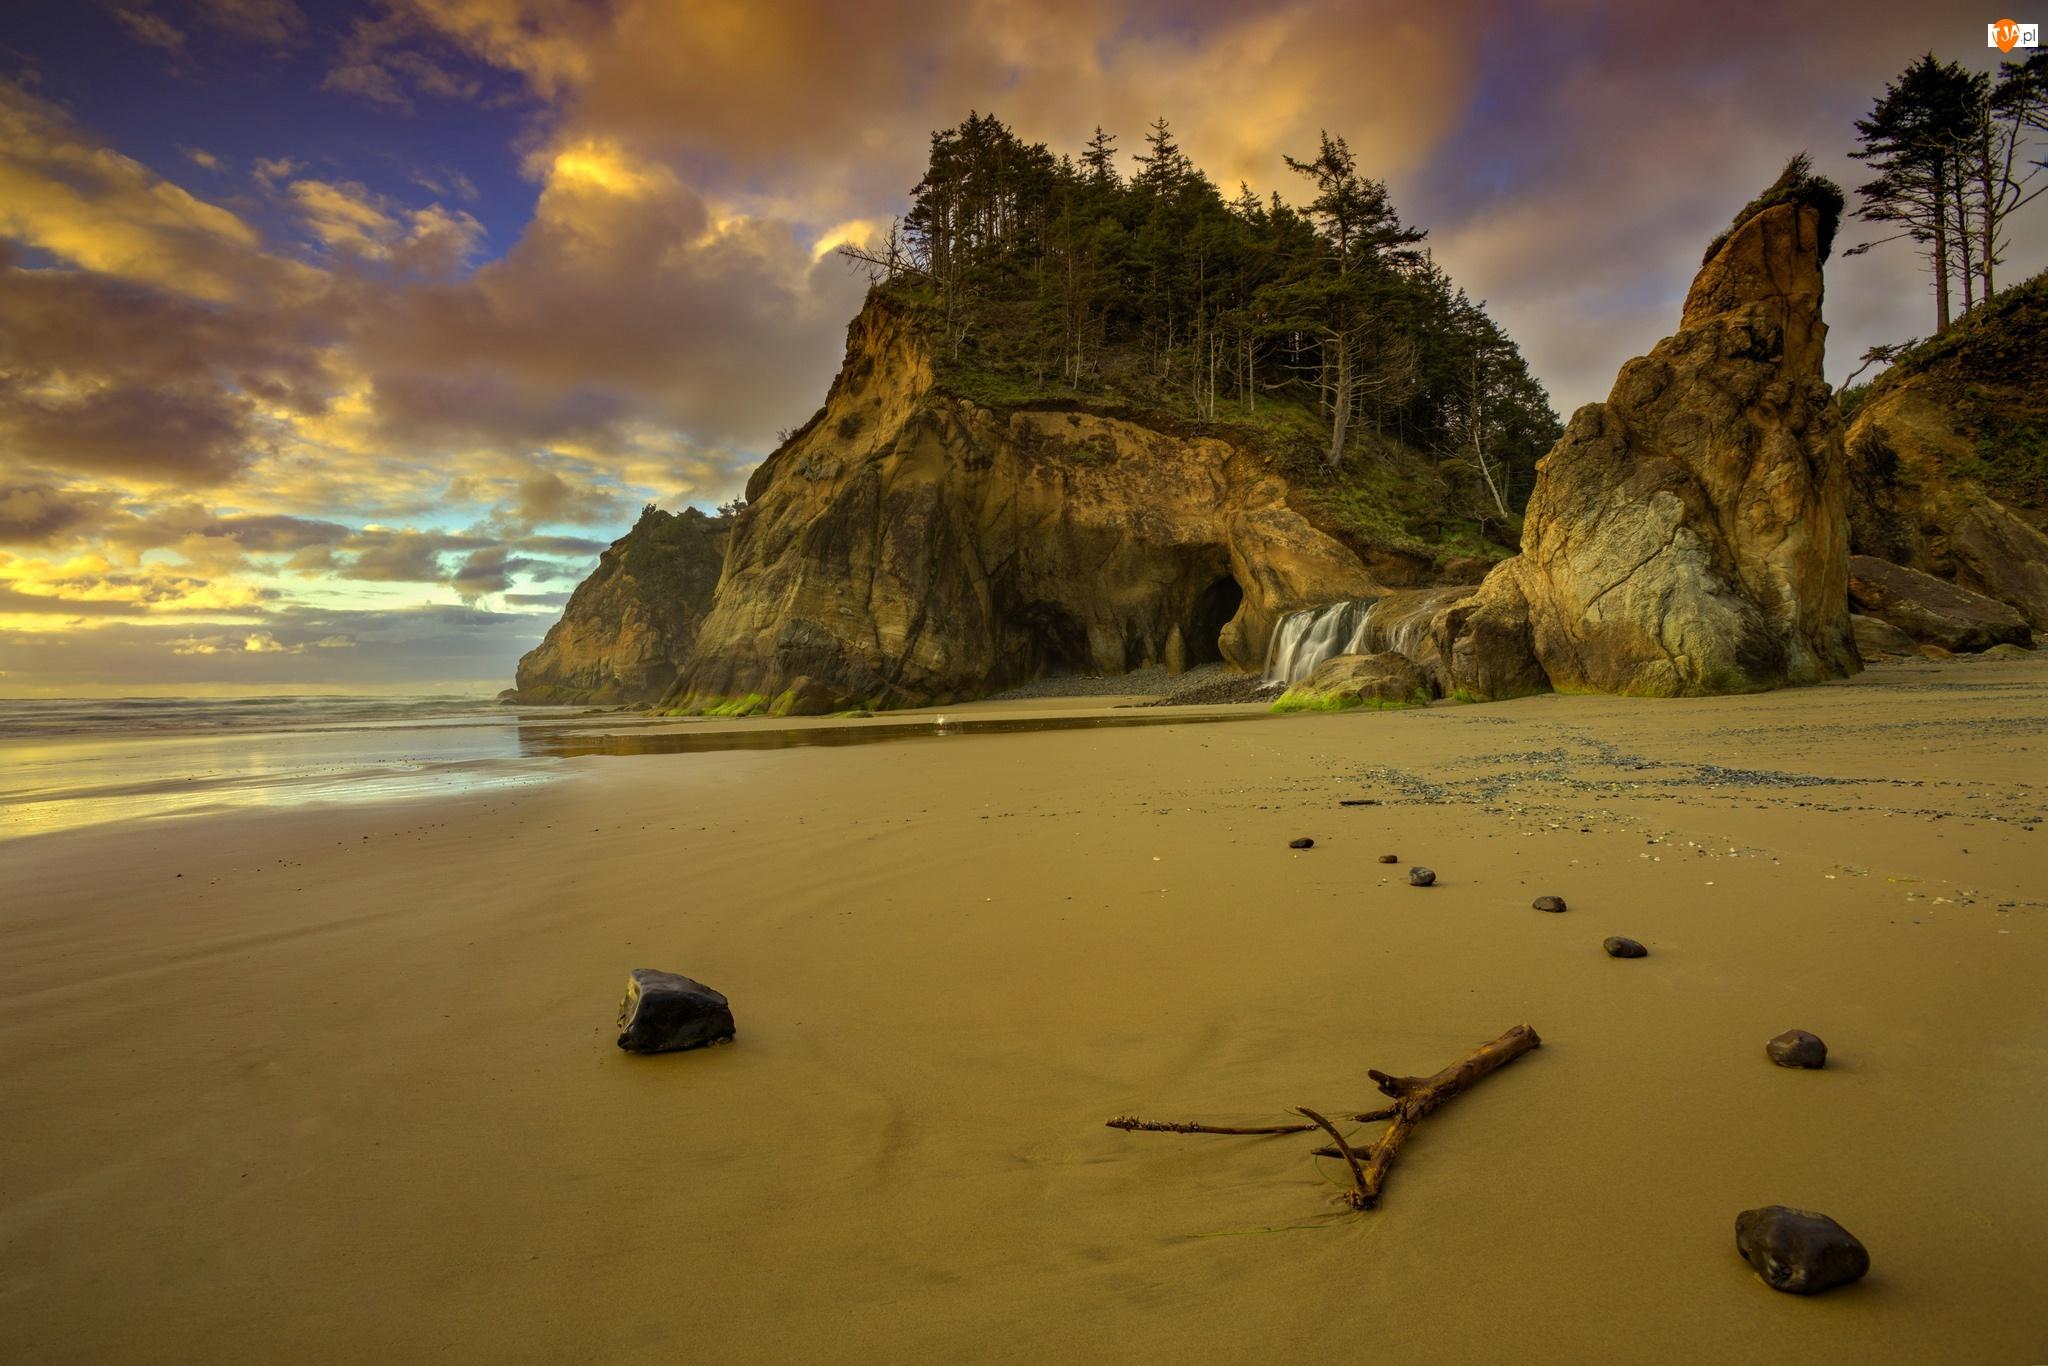 Stany Zjednoczone, Park stanowy Hug Point State Recreation Site, Przylądek Hug Point, Plaża, Wybrzeże, Stan Oregon, Skały, Morze